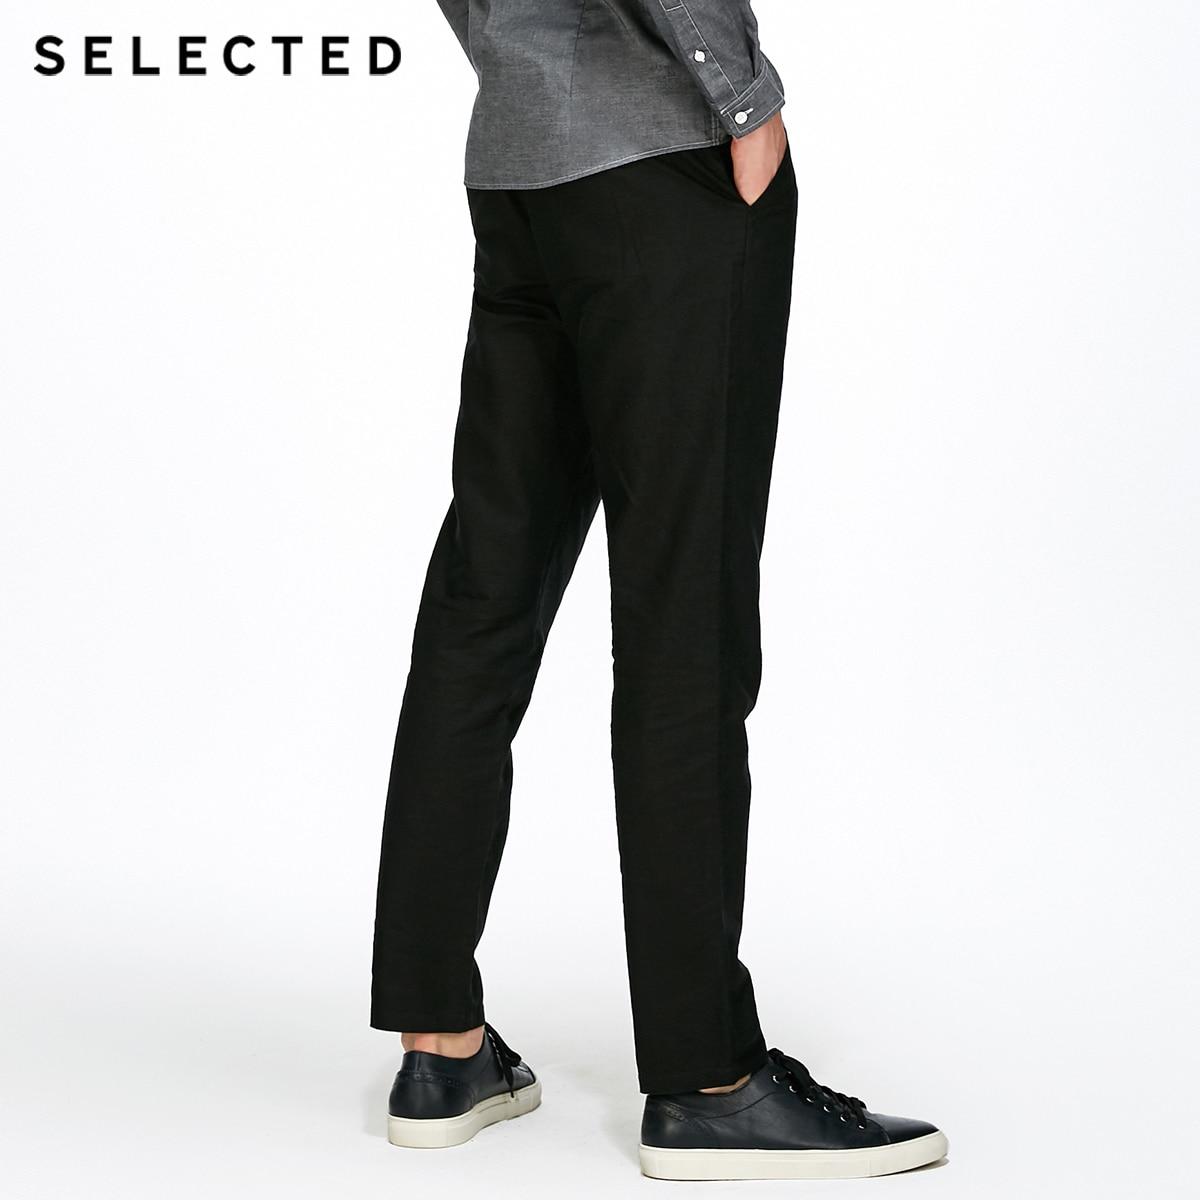 SÉLECTIONNÉ d'affaires décontracté décontracté coton linge de mode pantalon droit C | 417314508 - 4